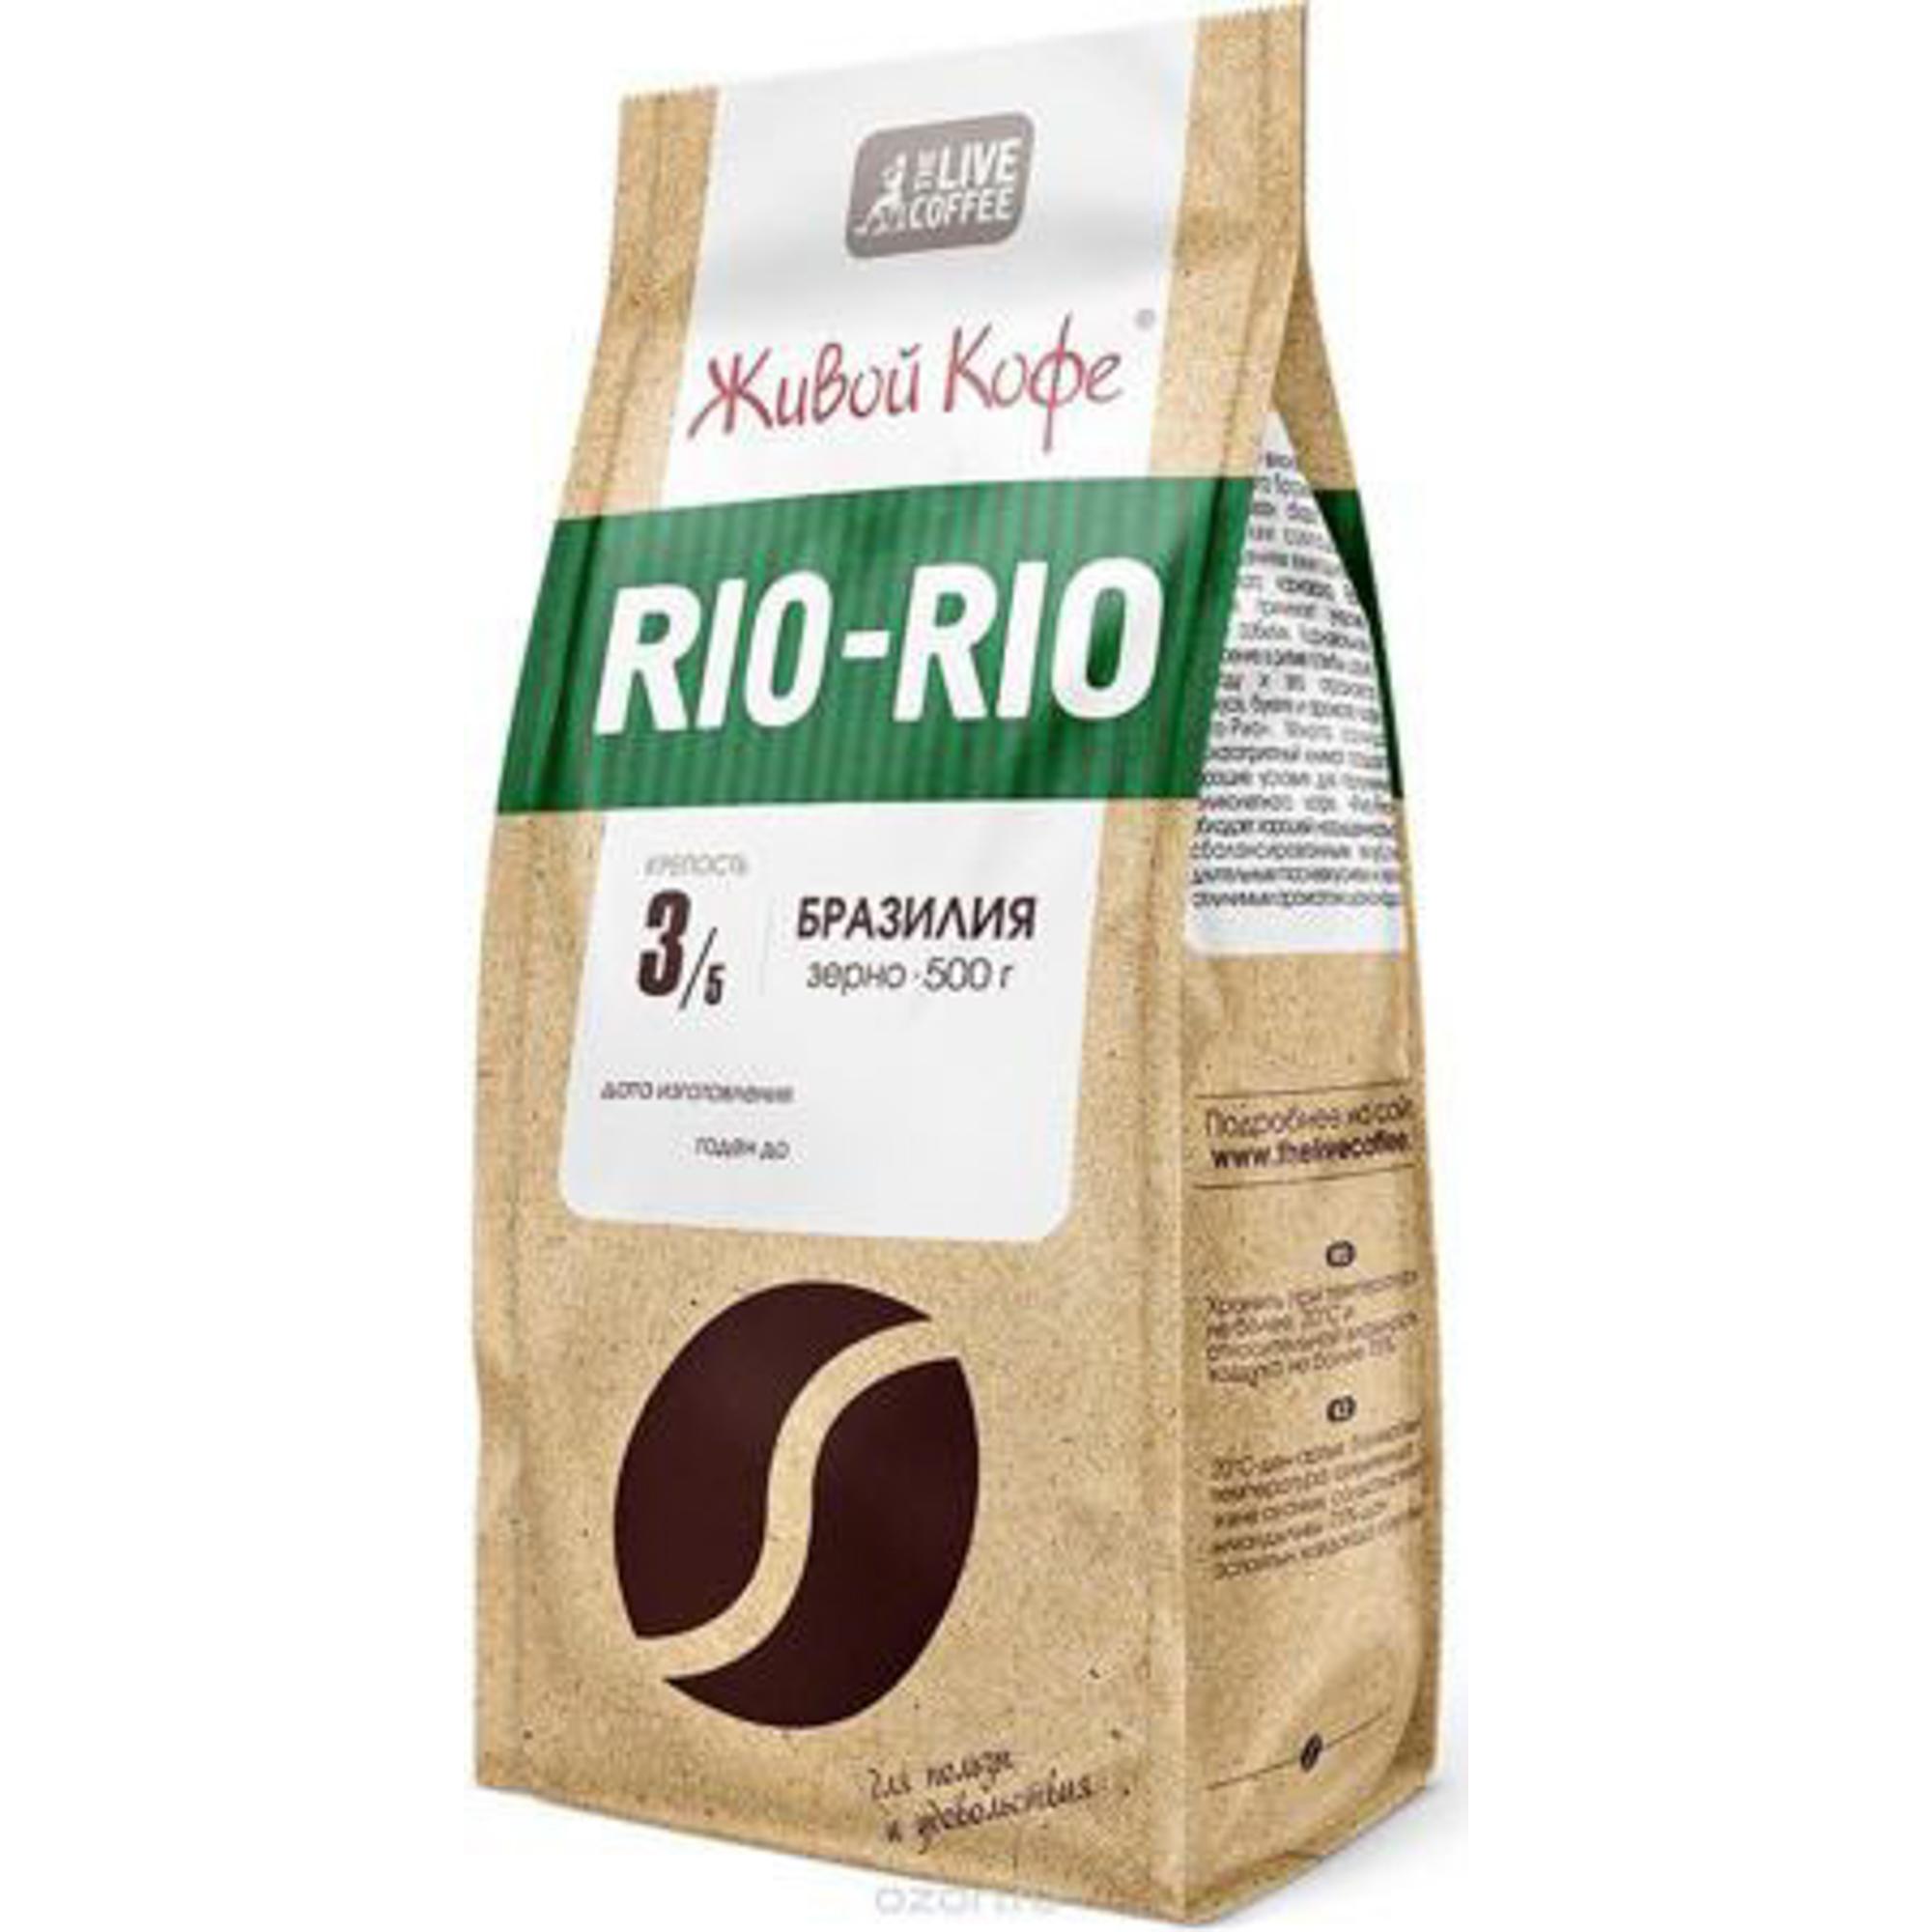 Кофе в зернах Живой кофе Rio-Rio 500 г кофе в зернах hiramur mexico